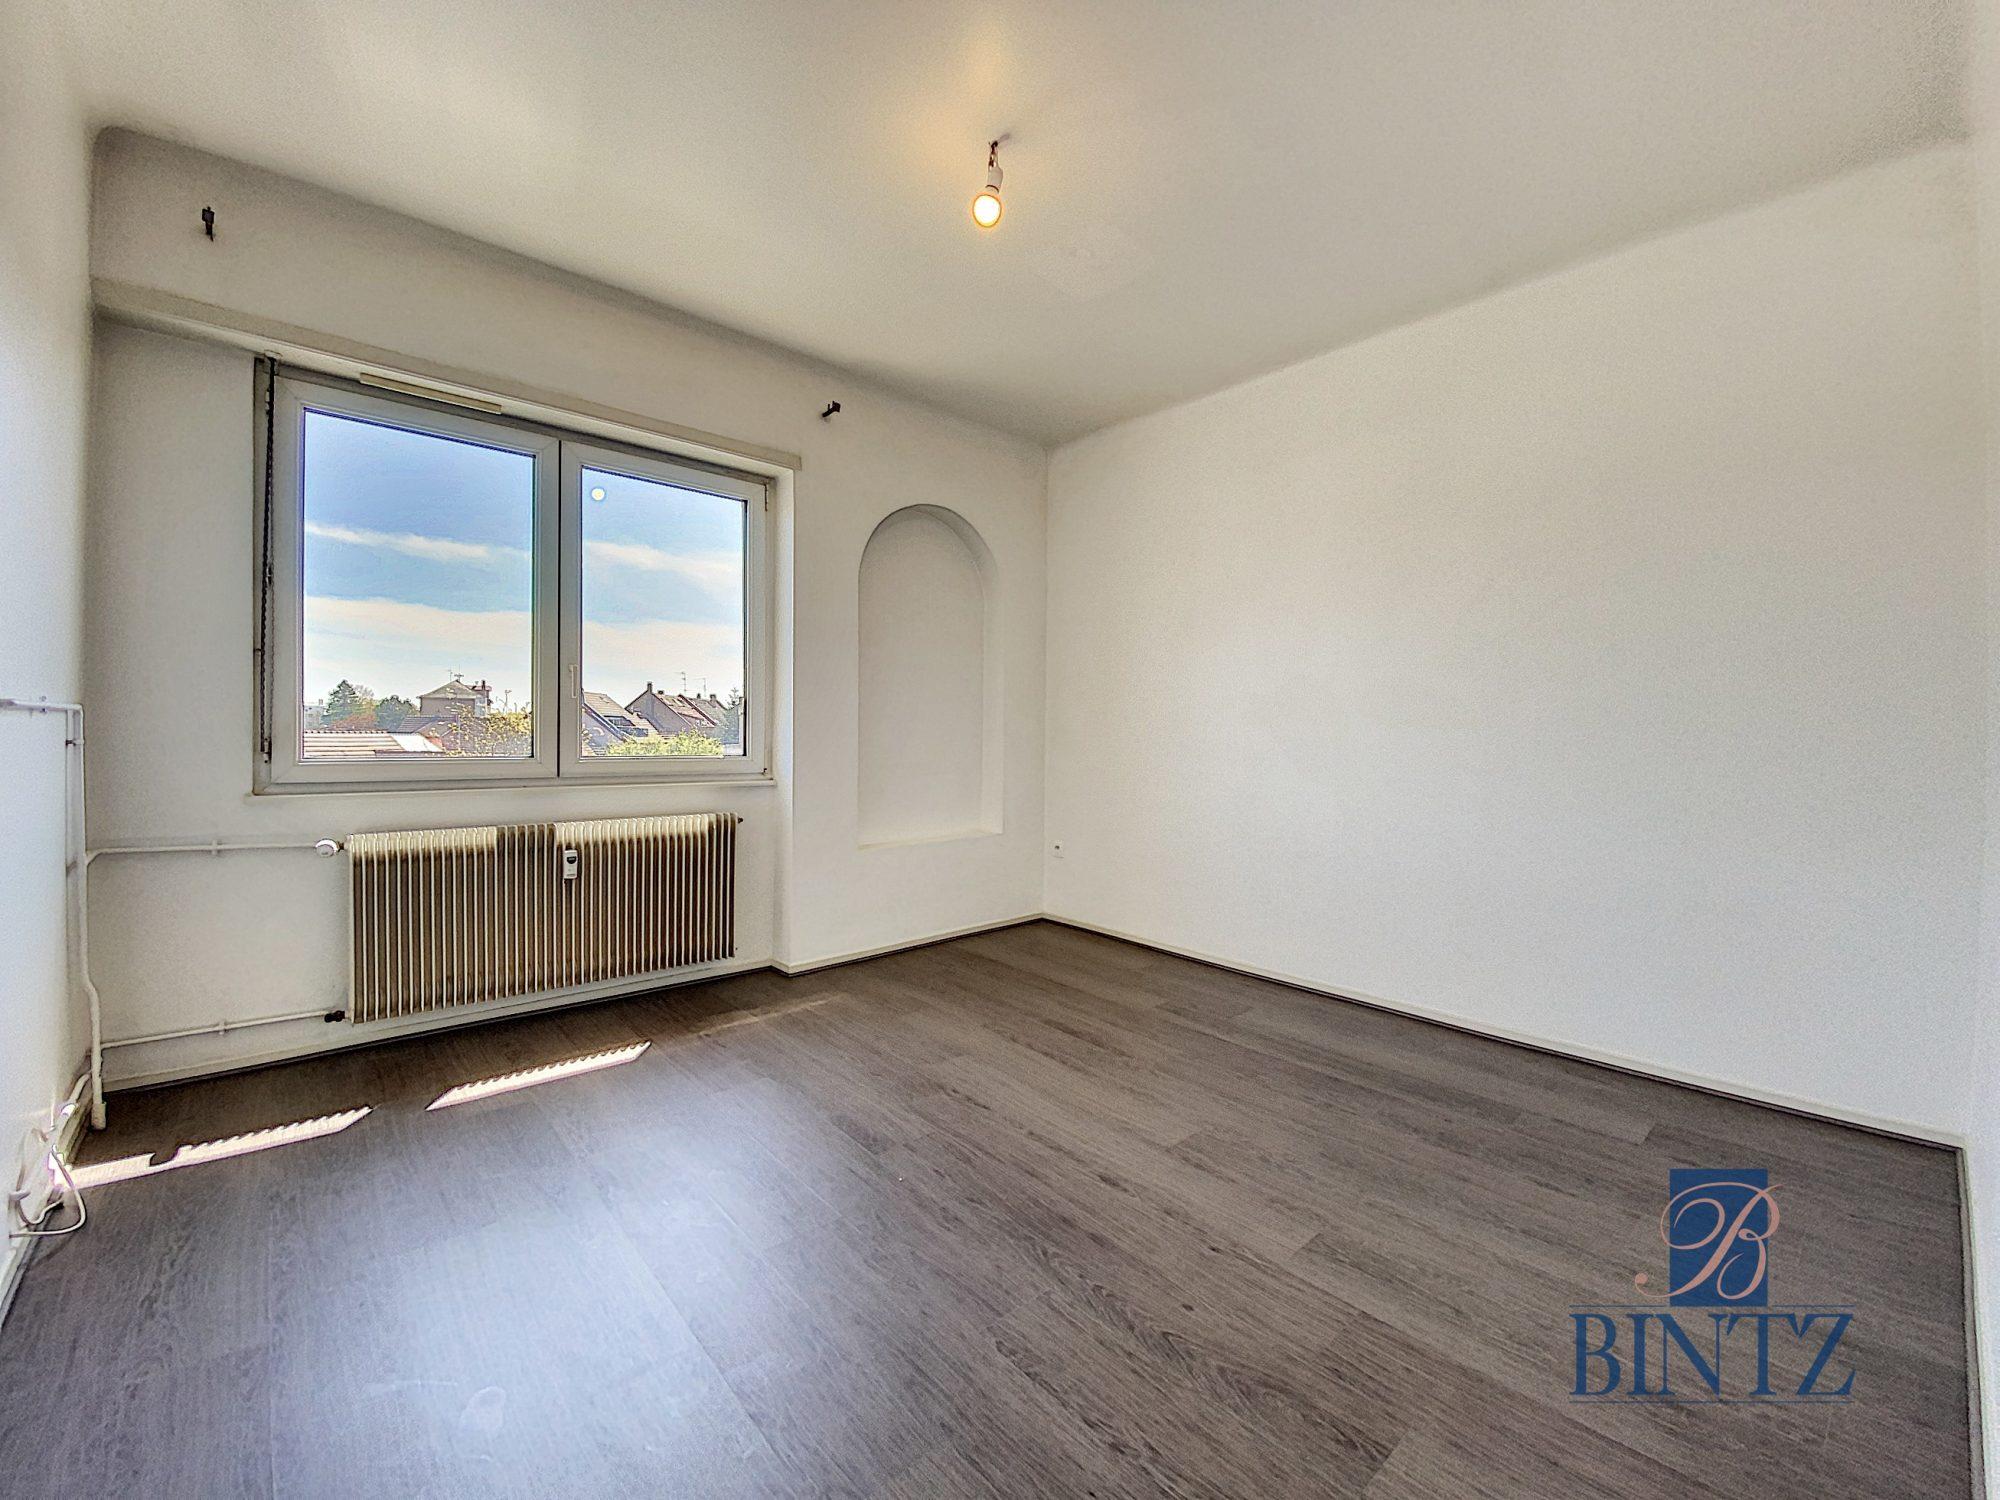 3P MONTAGNE VERTE - Devenez locataire en toute sérénité - Bintz Immobilier - 6